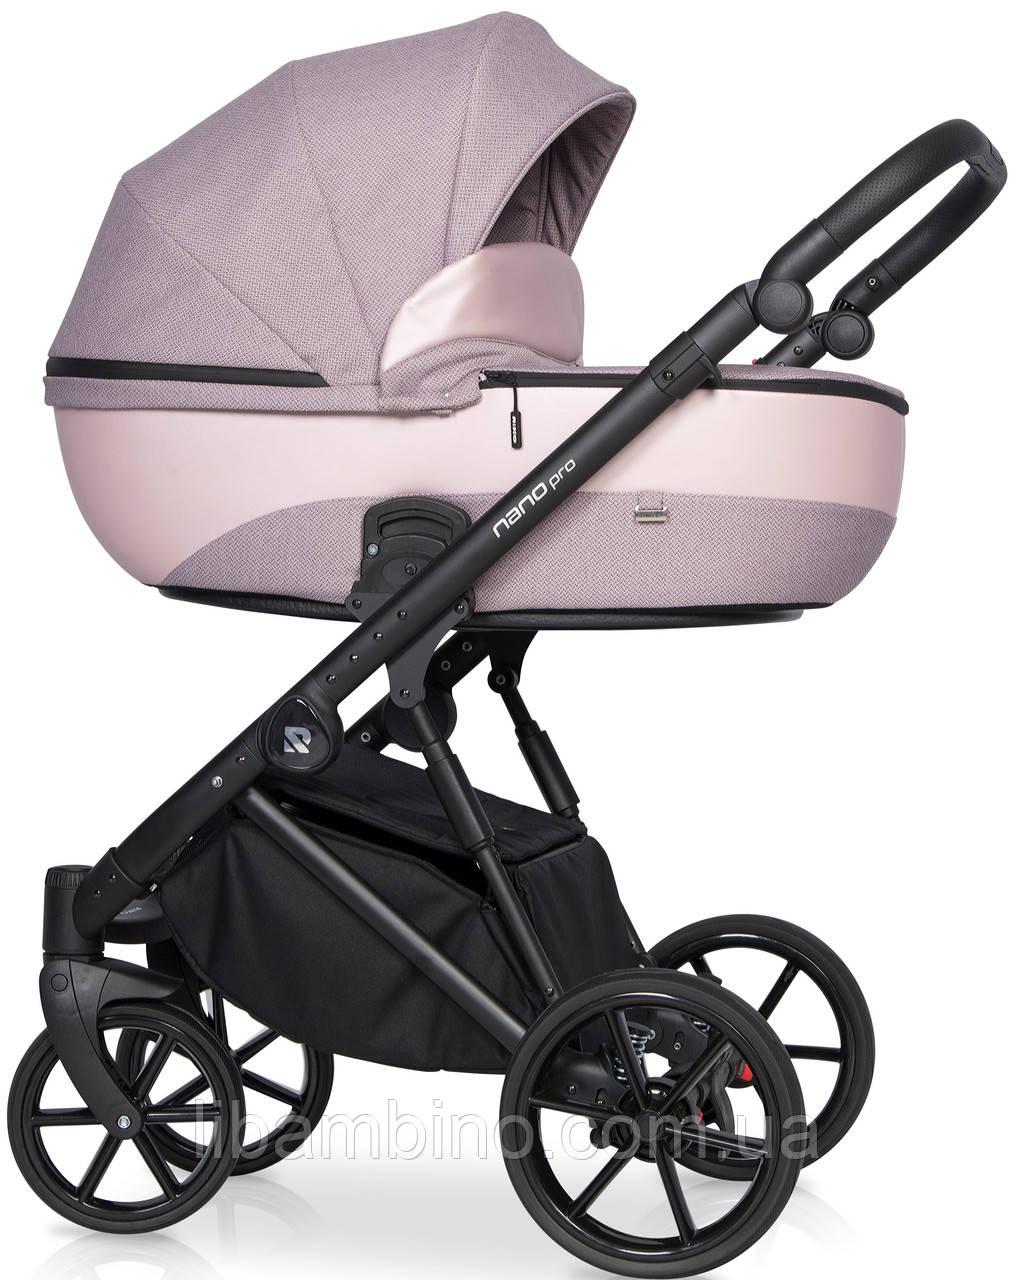 Дитяча універсальна коляска 2 в 1 Riko Nano Pro 03 Pearl Pink